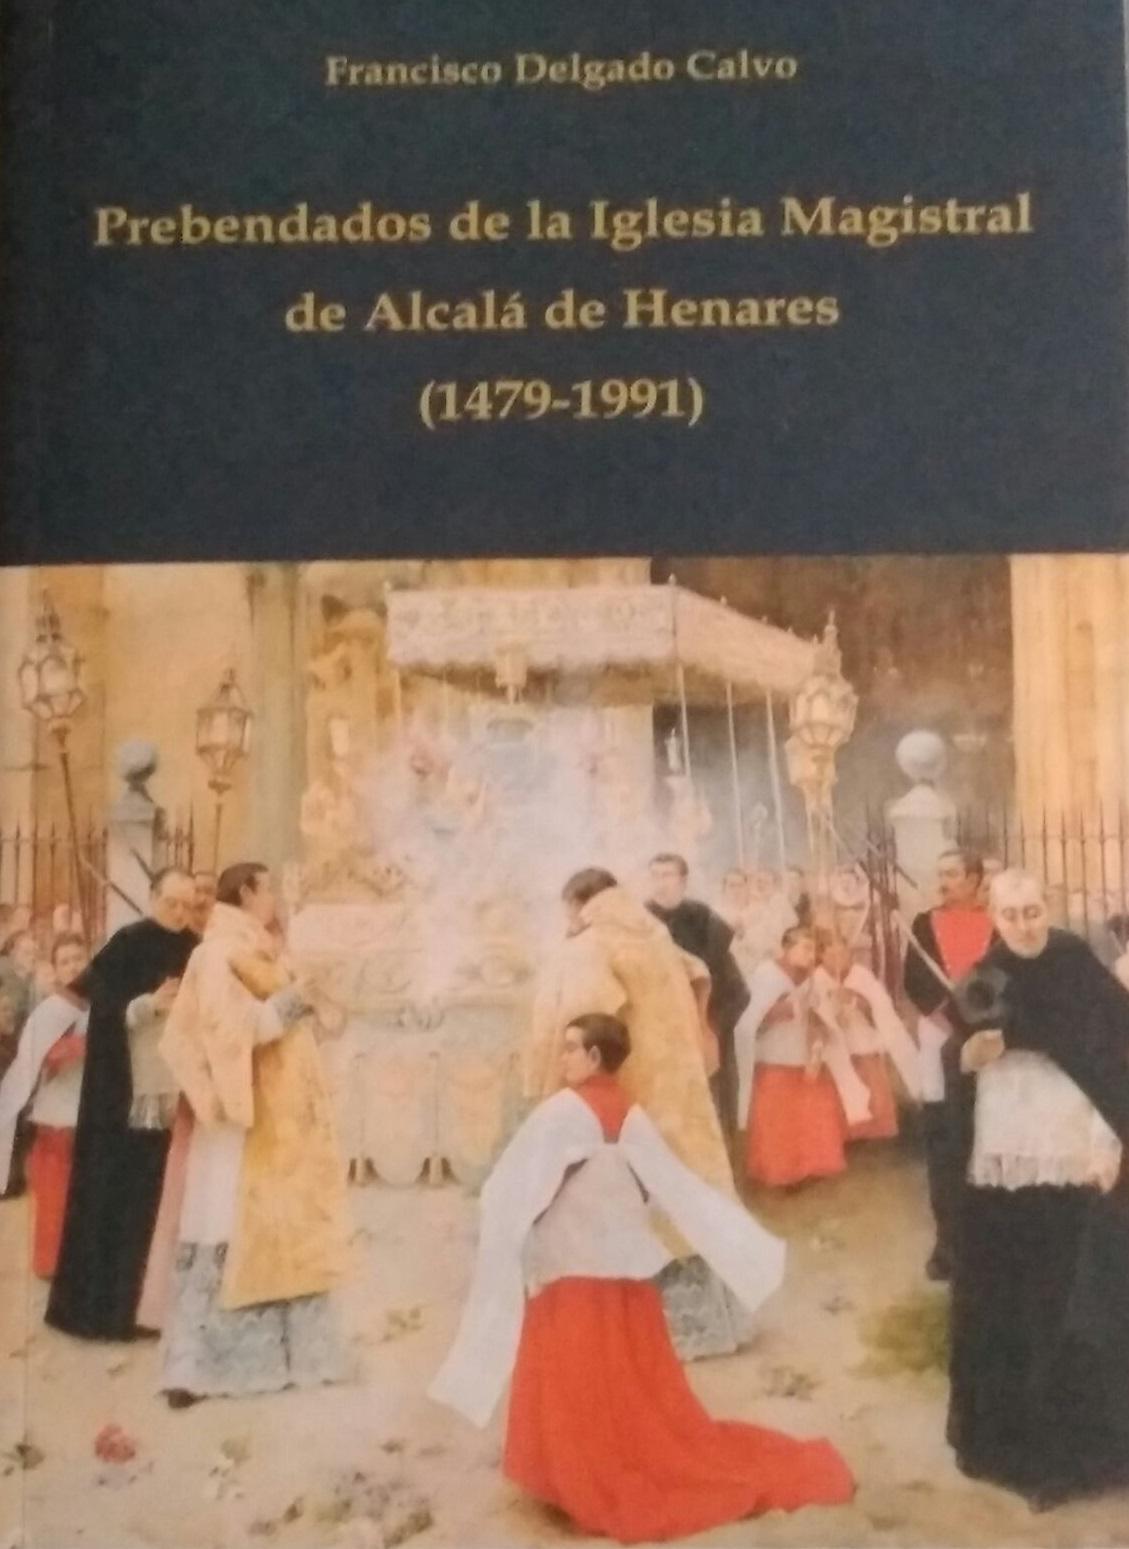 Portada del libro Prebendados de la Iglesia Magistral